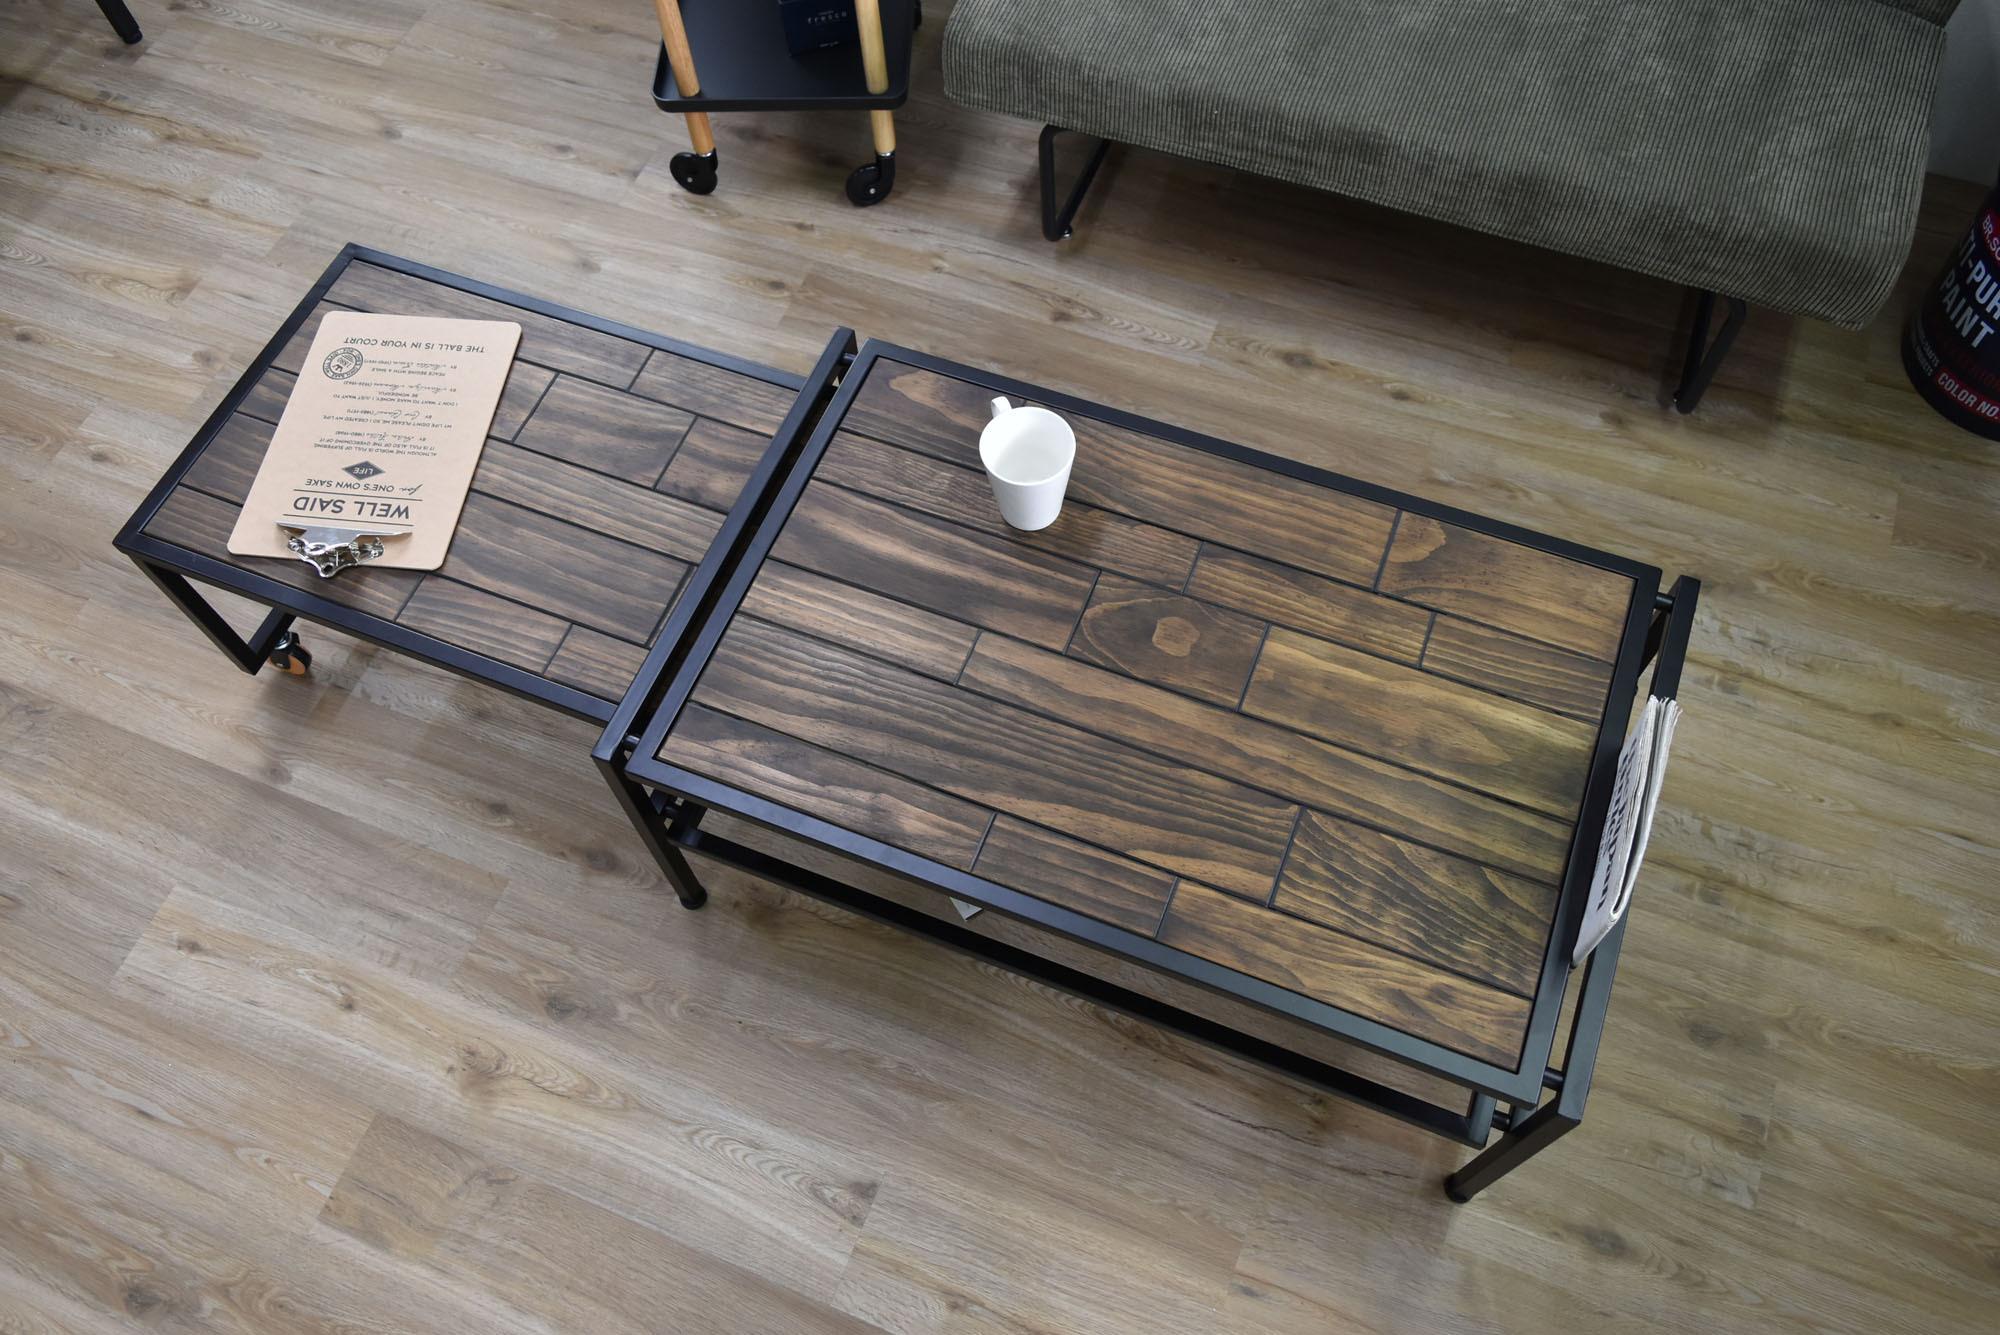 Industrial Stretch Table / インダストリアルスタイル インダストリアル 伸縮テーブル